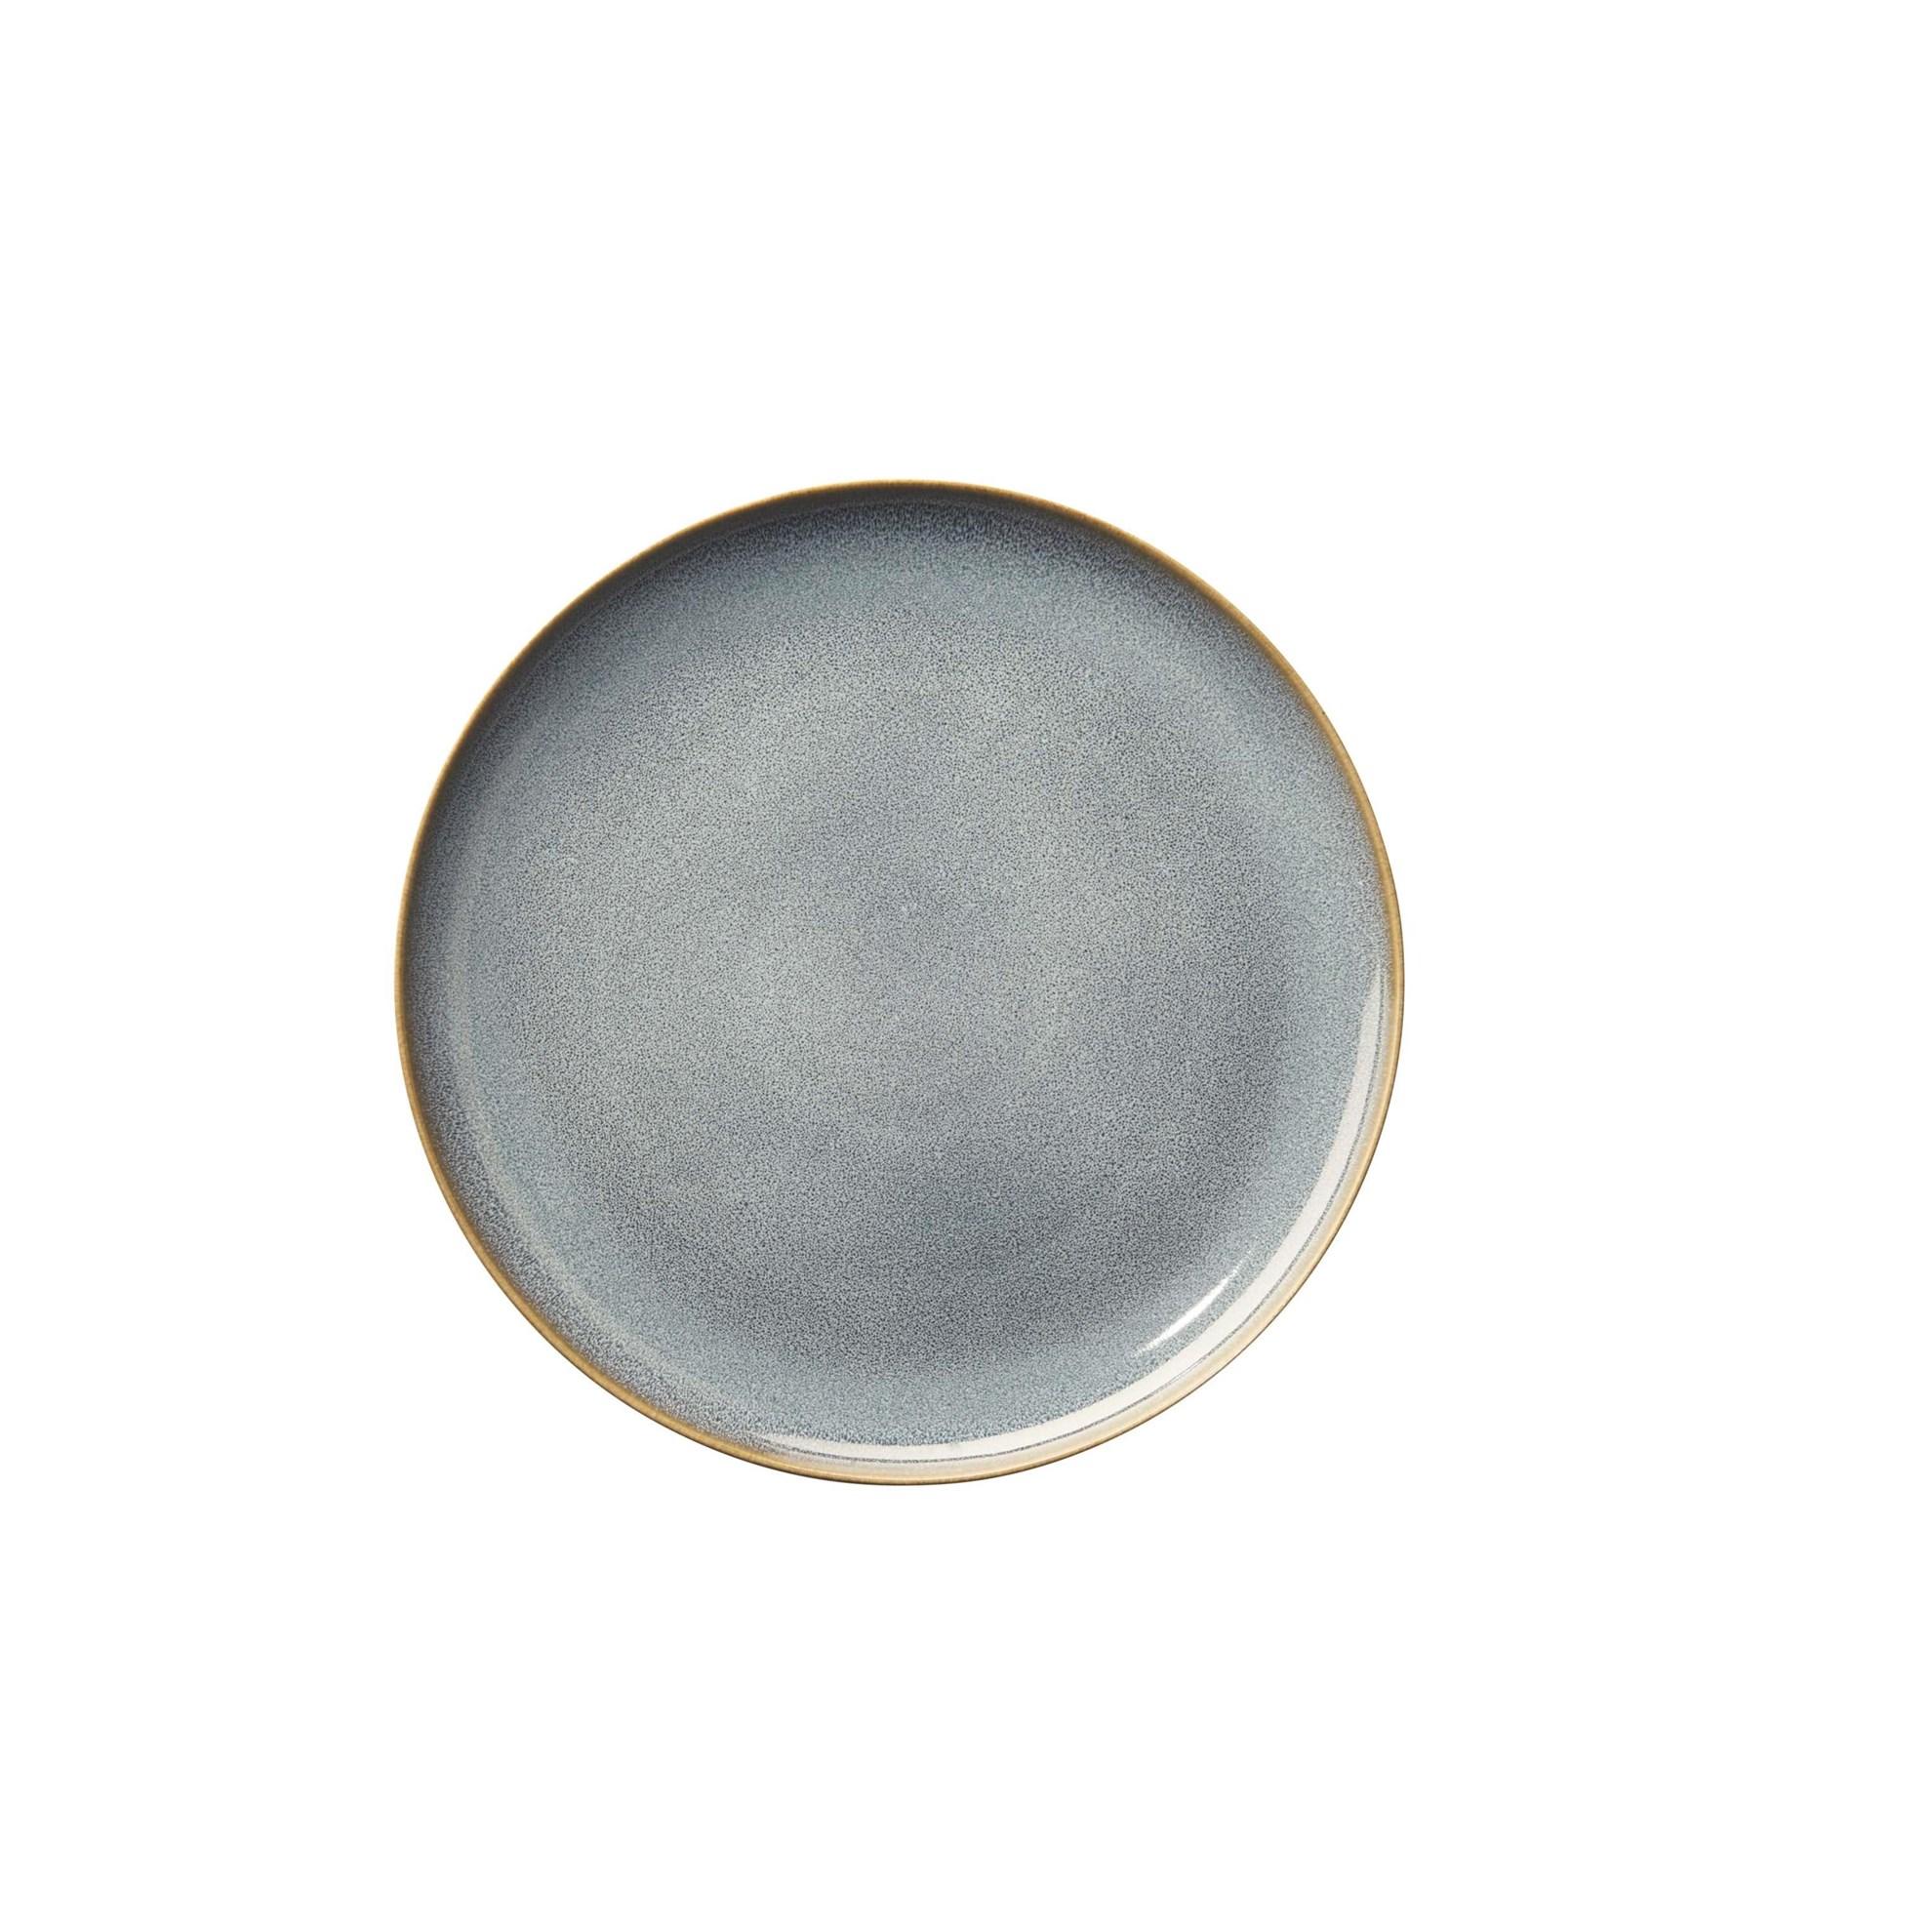 Mělký talíř SAISONS 26,5 cm denim_0